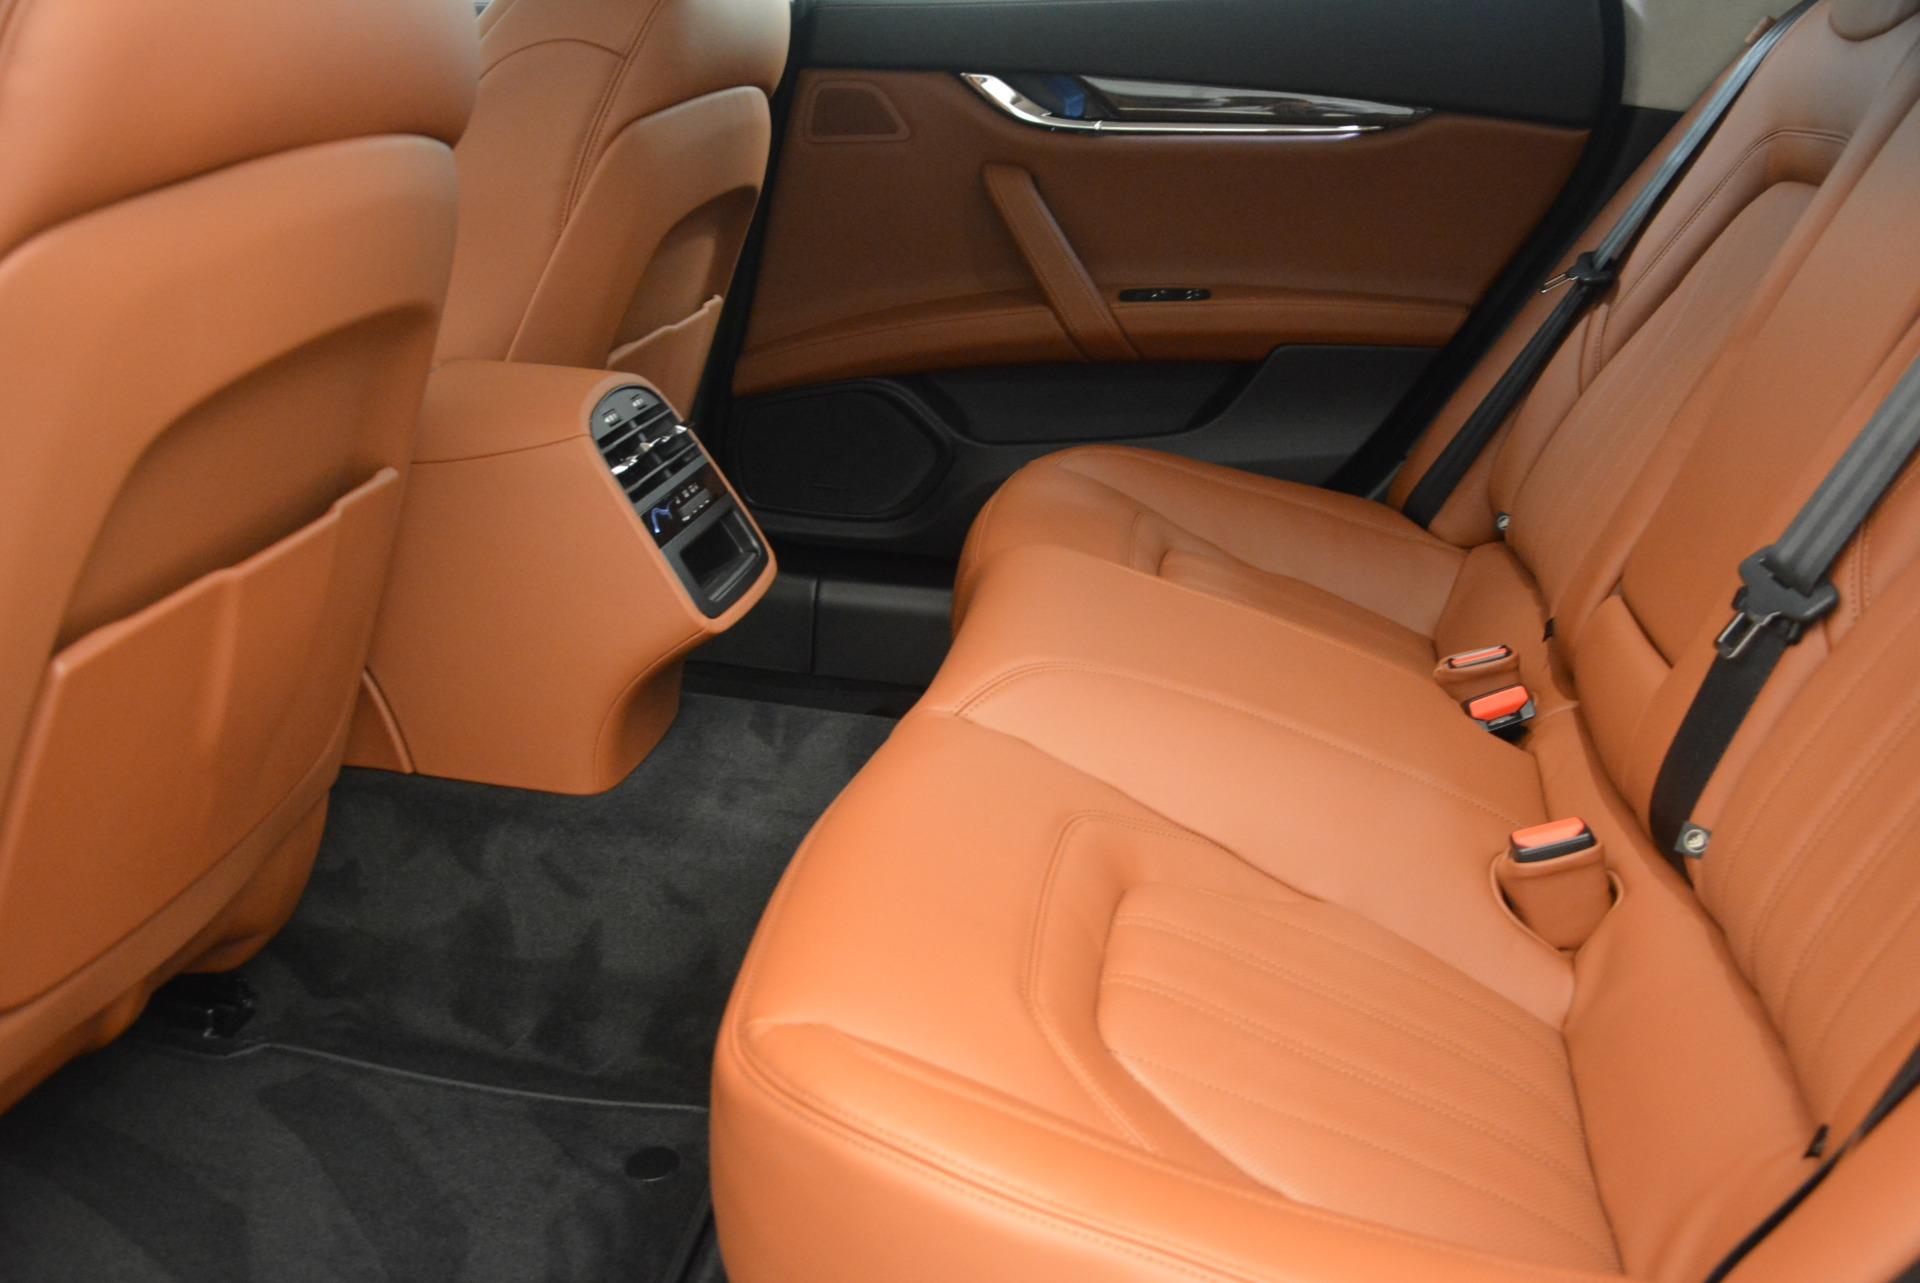 New 2019 Maserati Quattroporte S Q4 GranLusso For Sale In Greenwich, CT 2767_p16